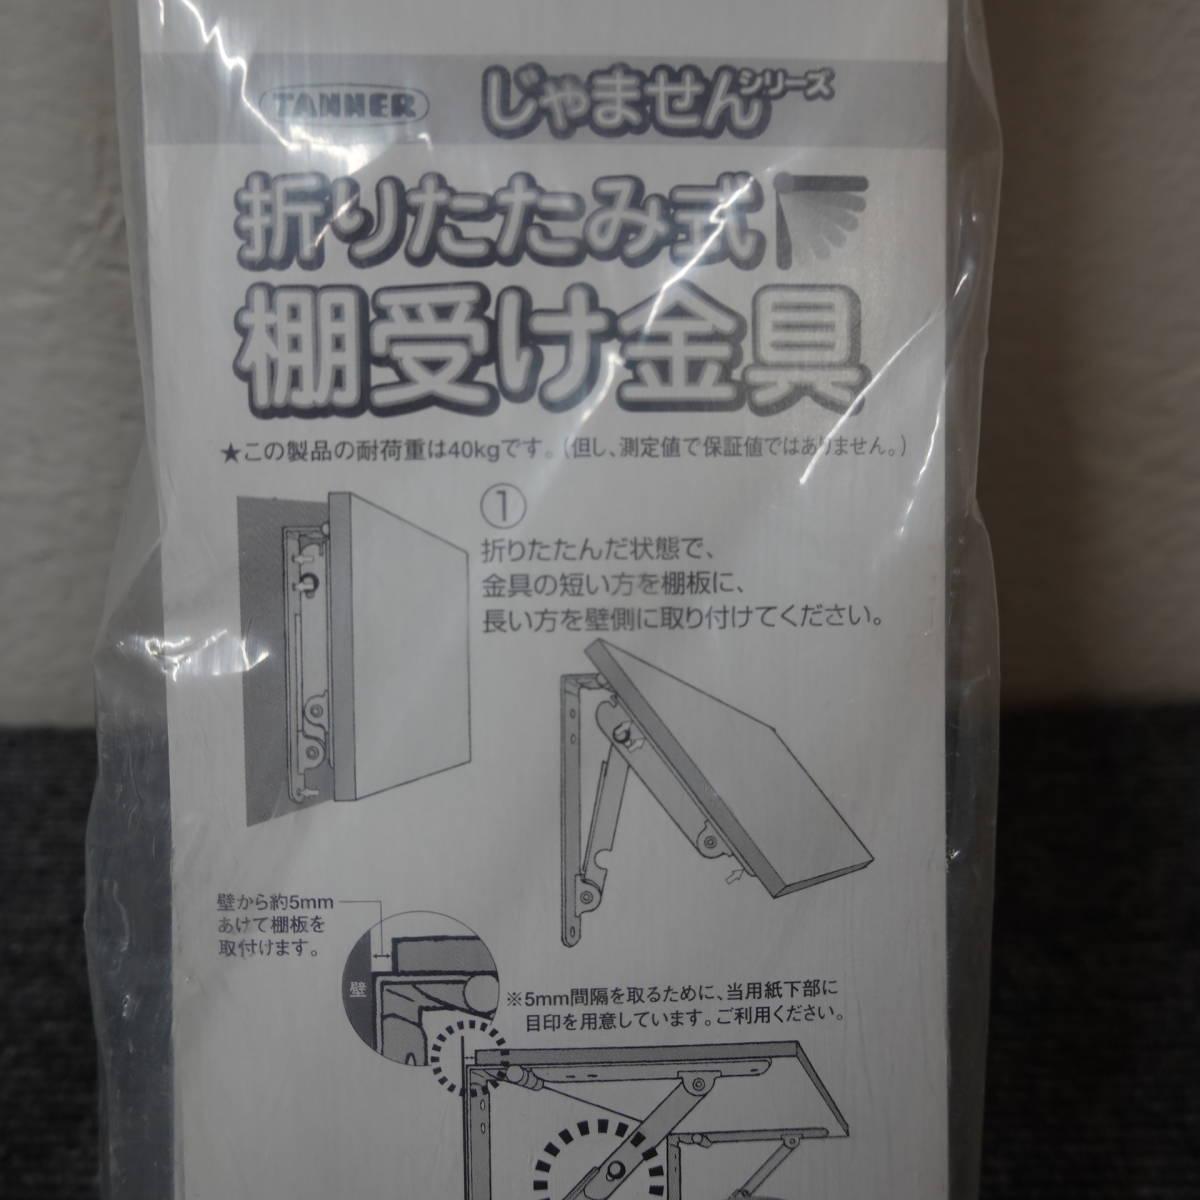 TANNER タナー 折りたたみ式 棚受金具 じゃませんシリーズ 300mm 白 未開封保管品_画像6